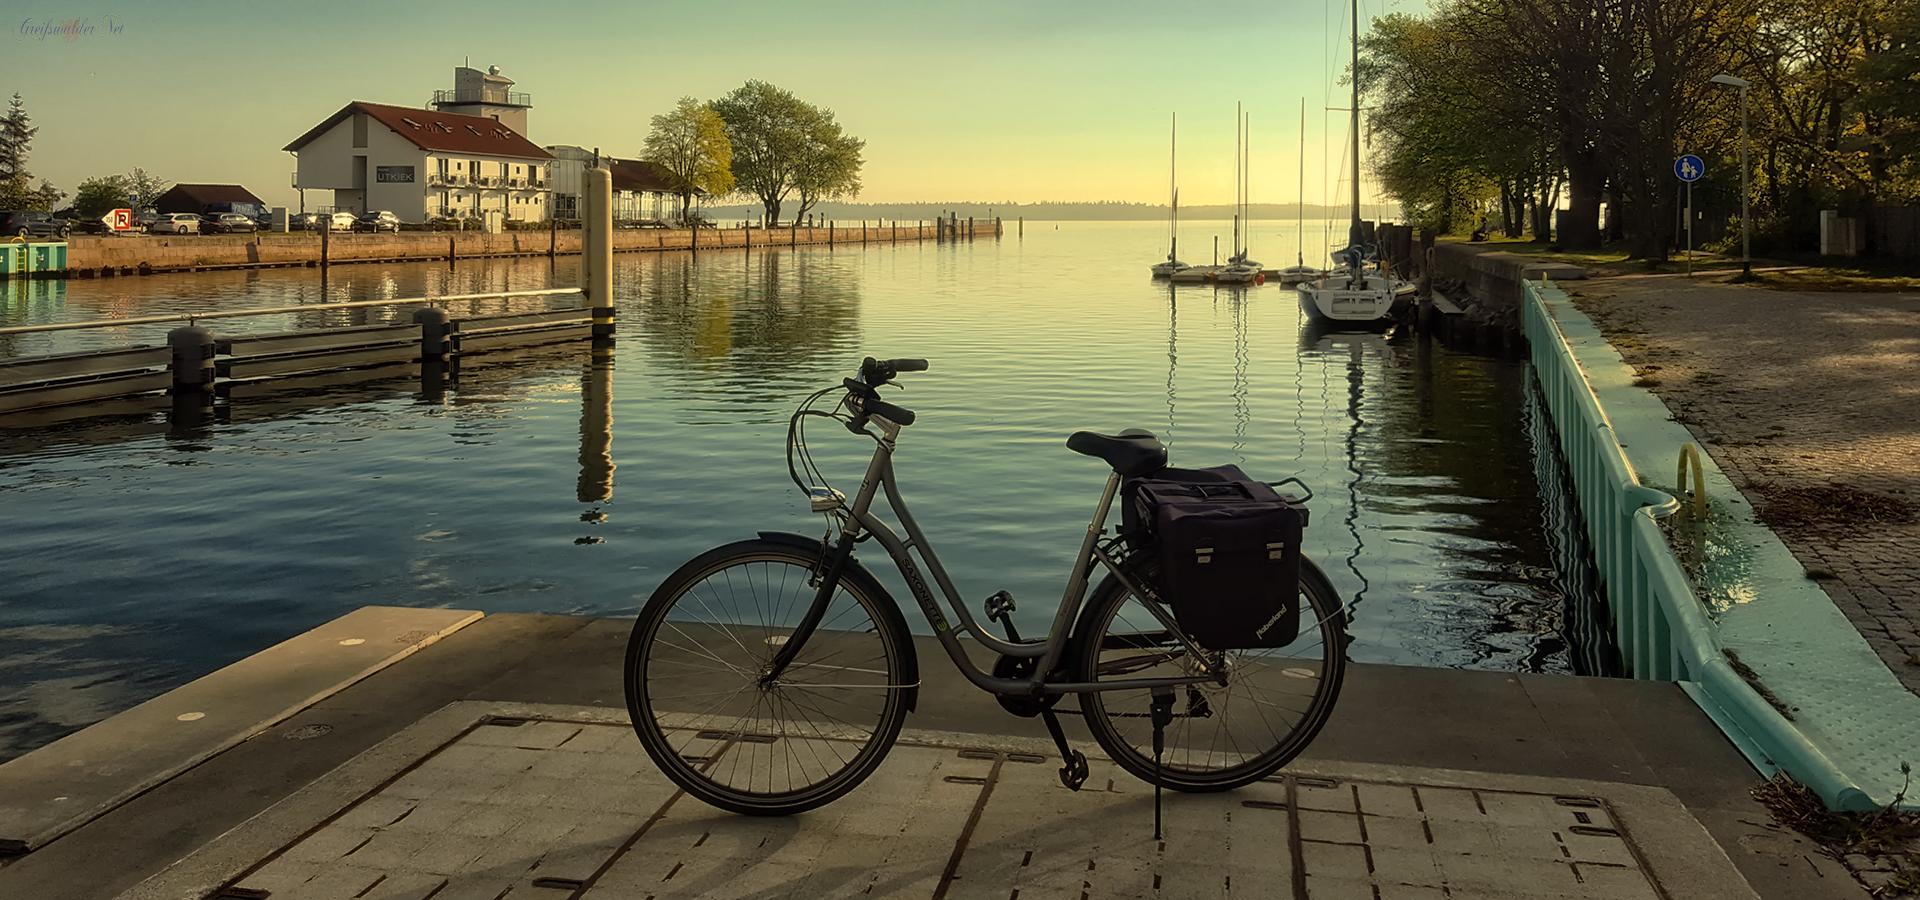 Am Hafen in Greifswald-Wieck